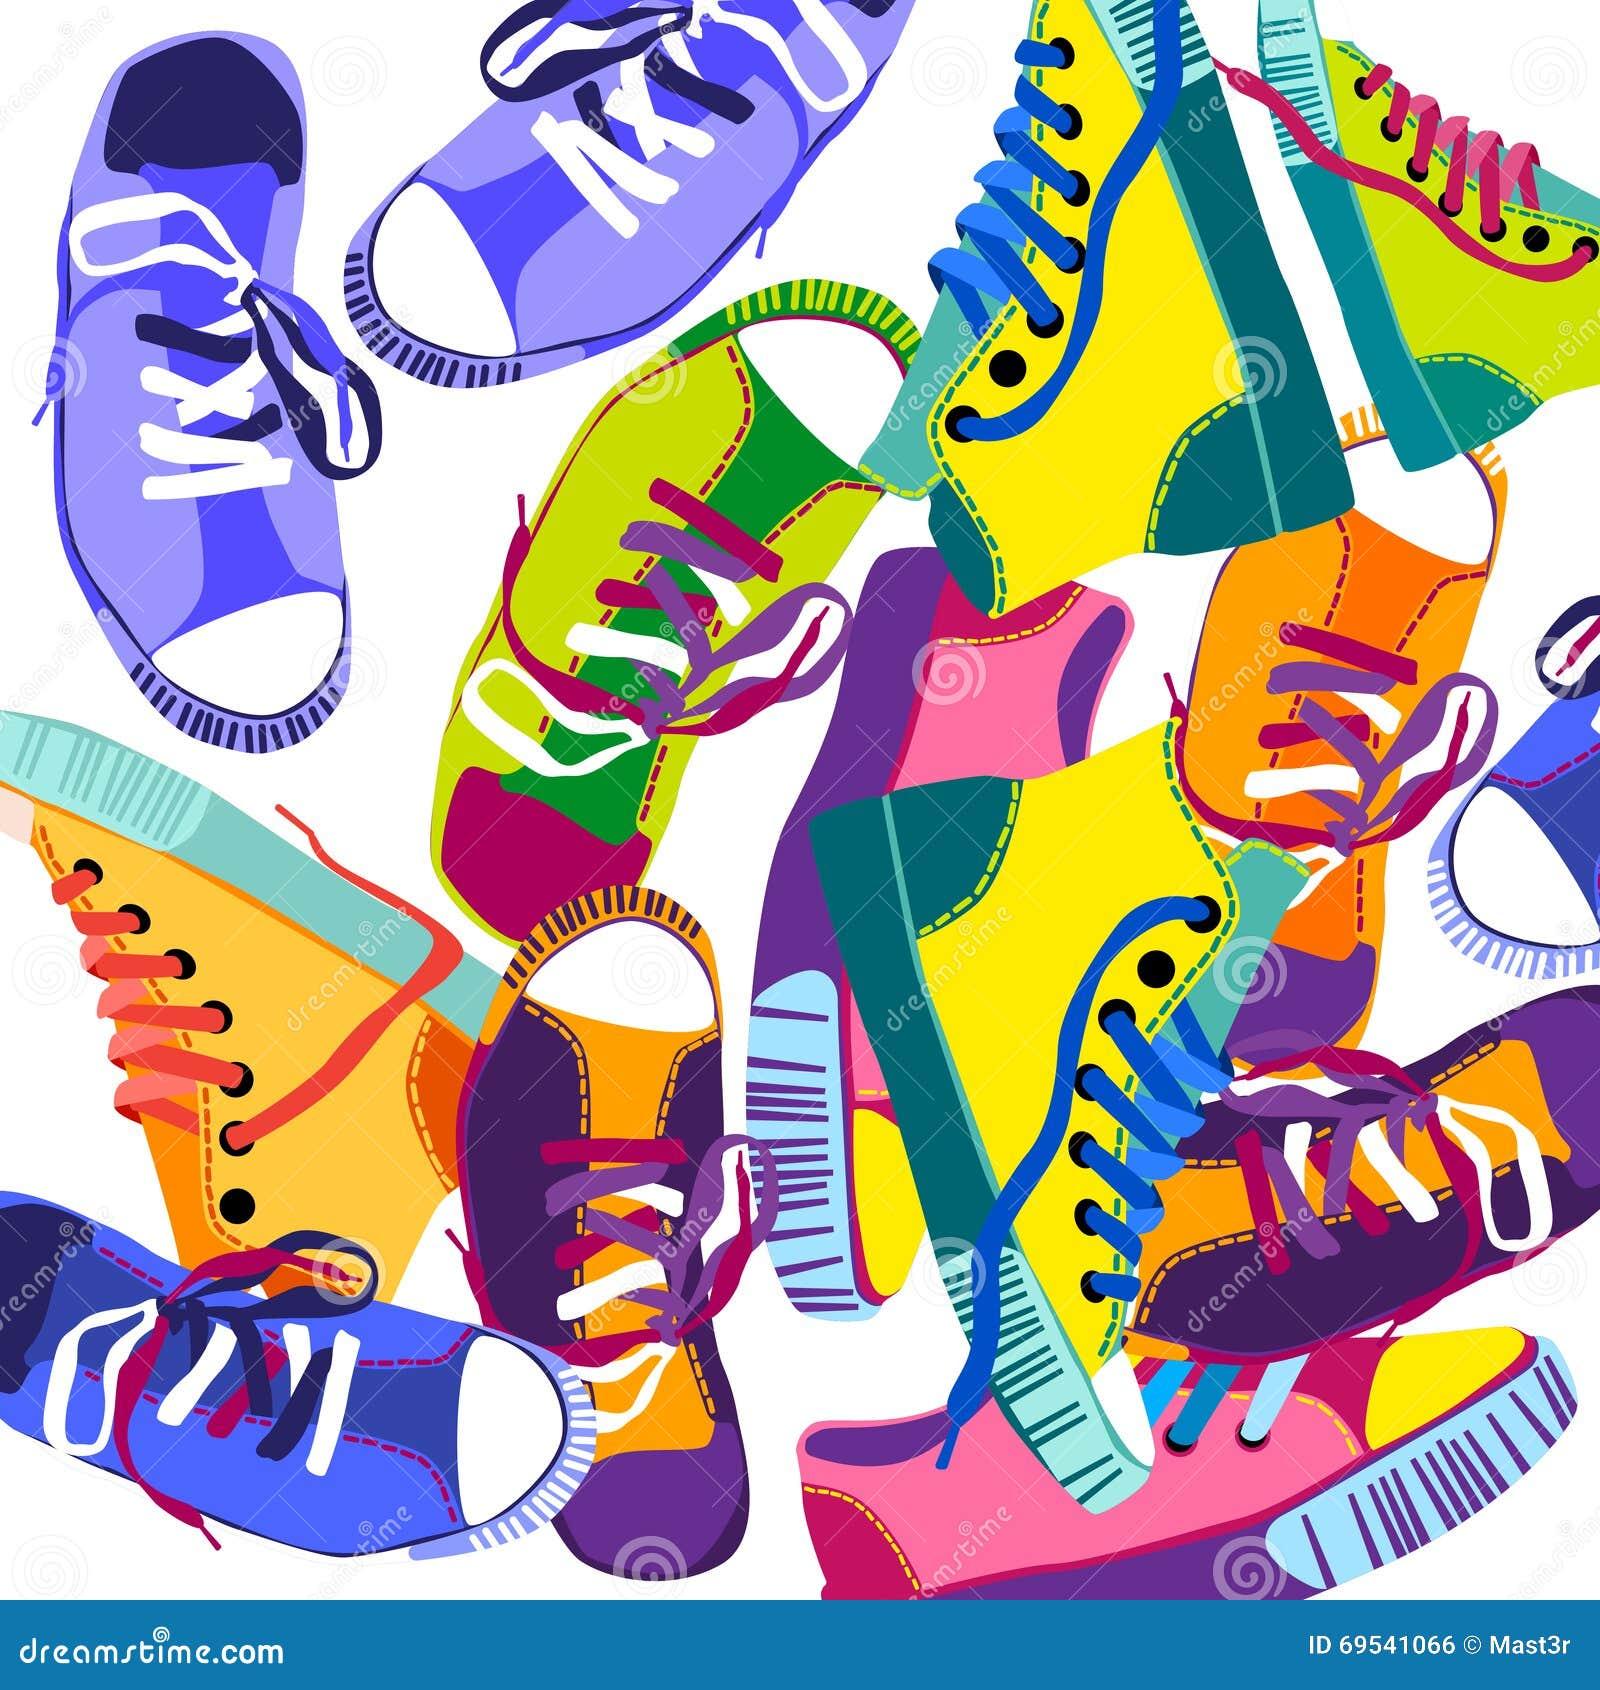 Espadrilles Sport Chaussures Formant Ont Colorées De Les Placé Des UwdqTUA 687c5c7ebd6